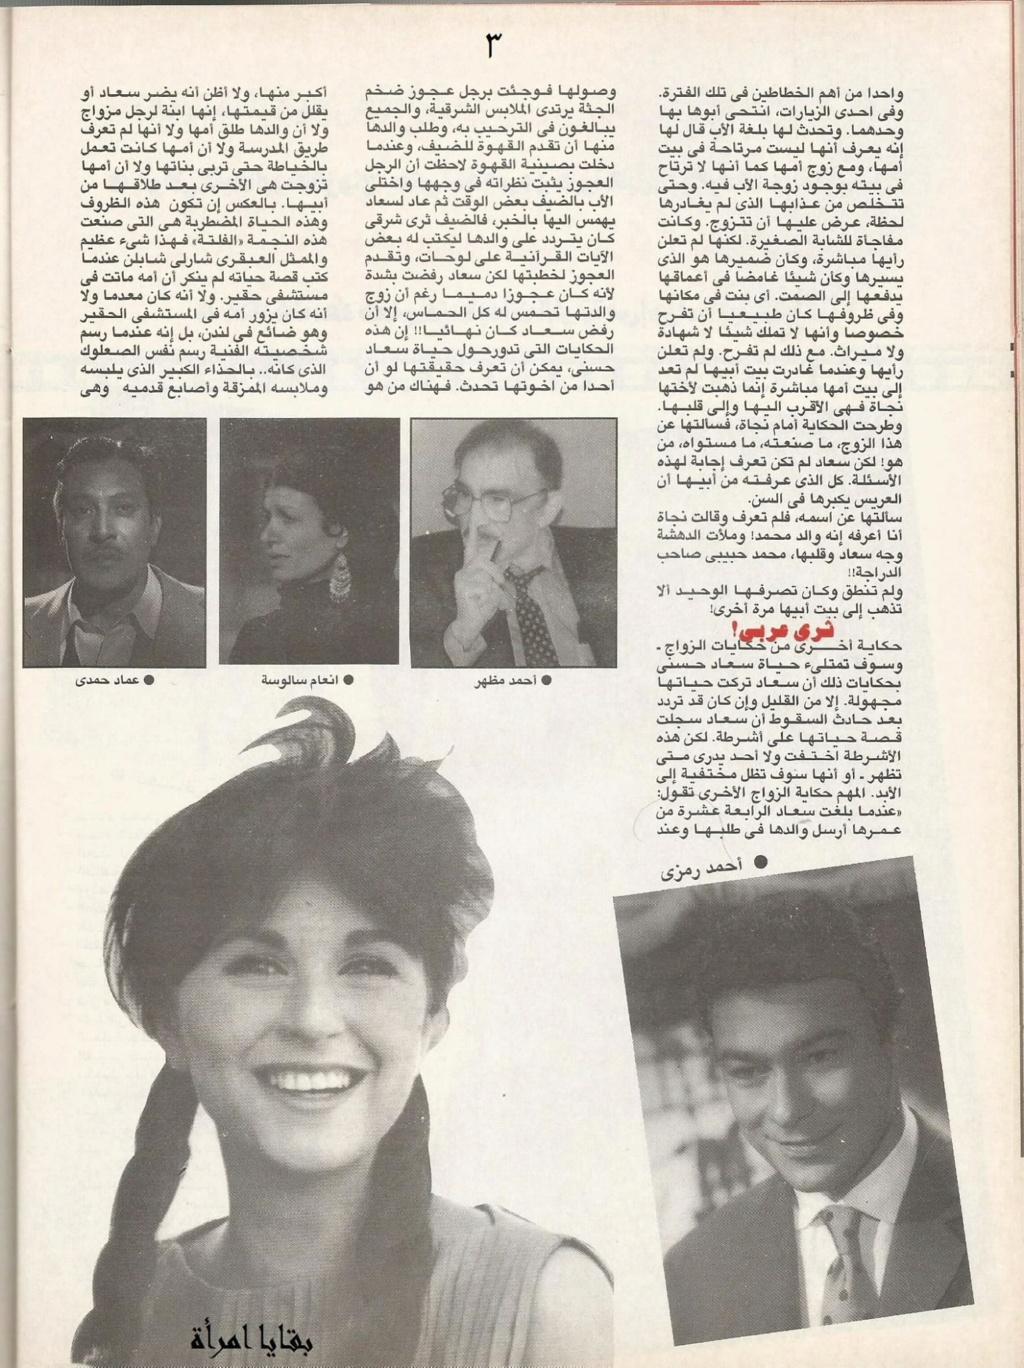 مقال صحفي : حكاية الثري العجوز الدميم الذي كانت ستتزوجه!! 2001 م 3151